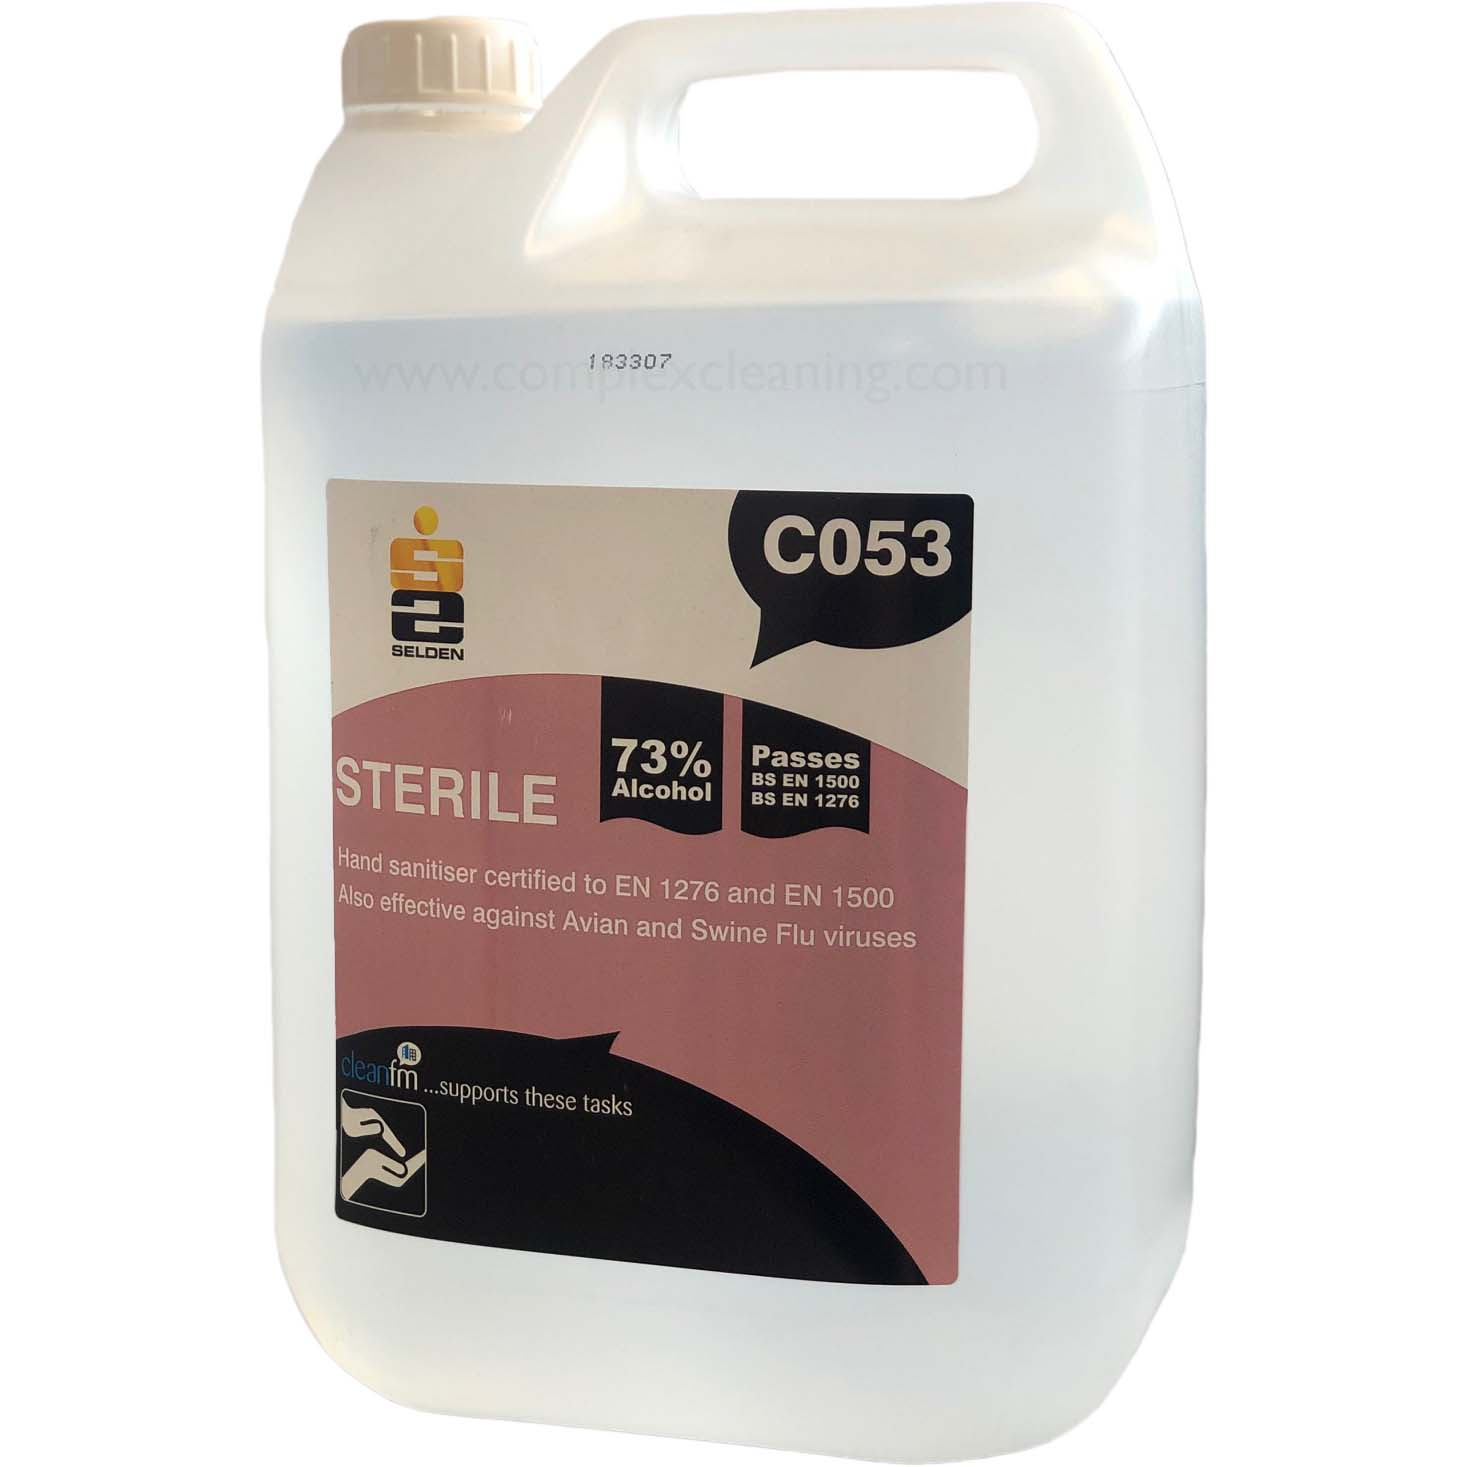 Selden-Sterile-70%25-Hand-Sanitiser-5litre